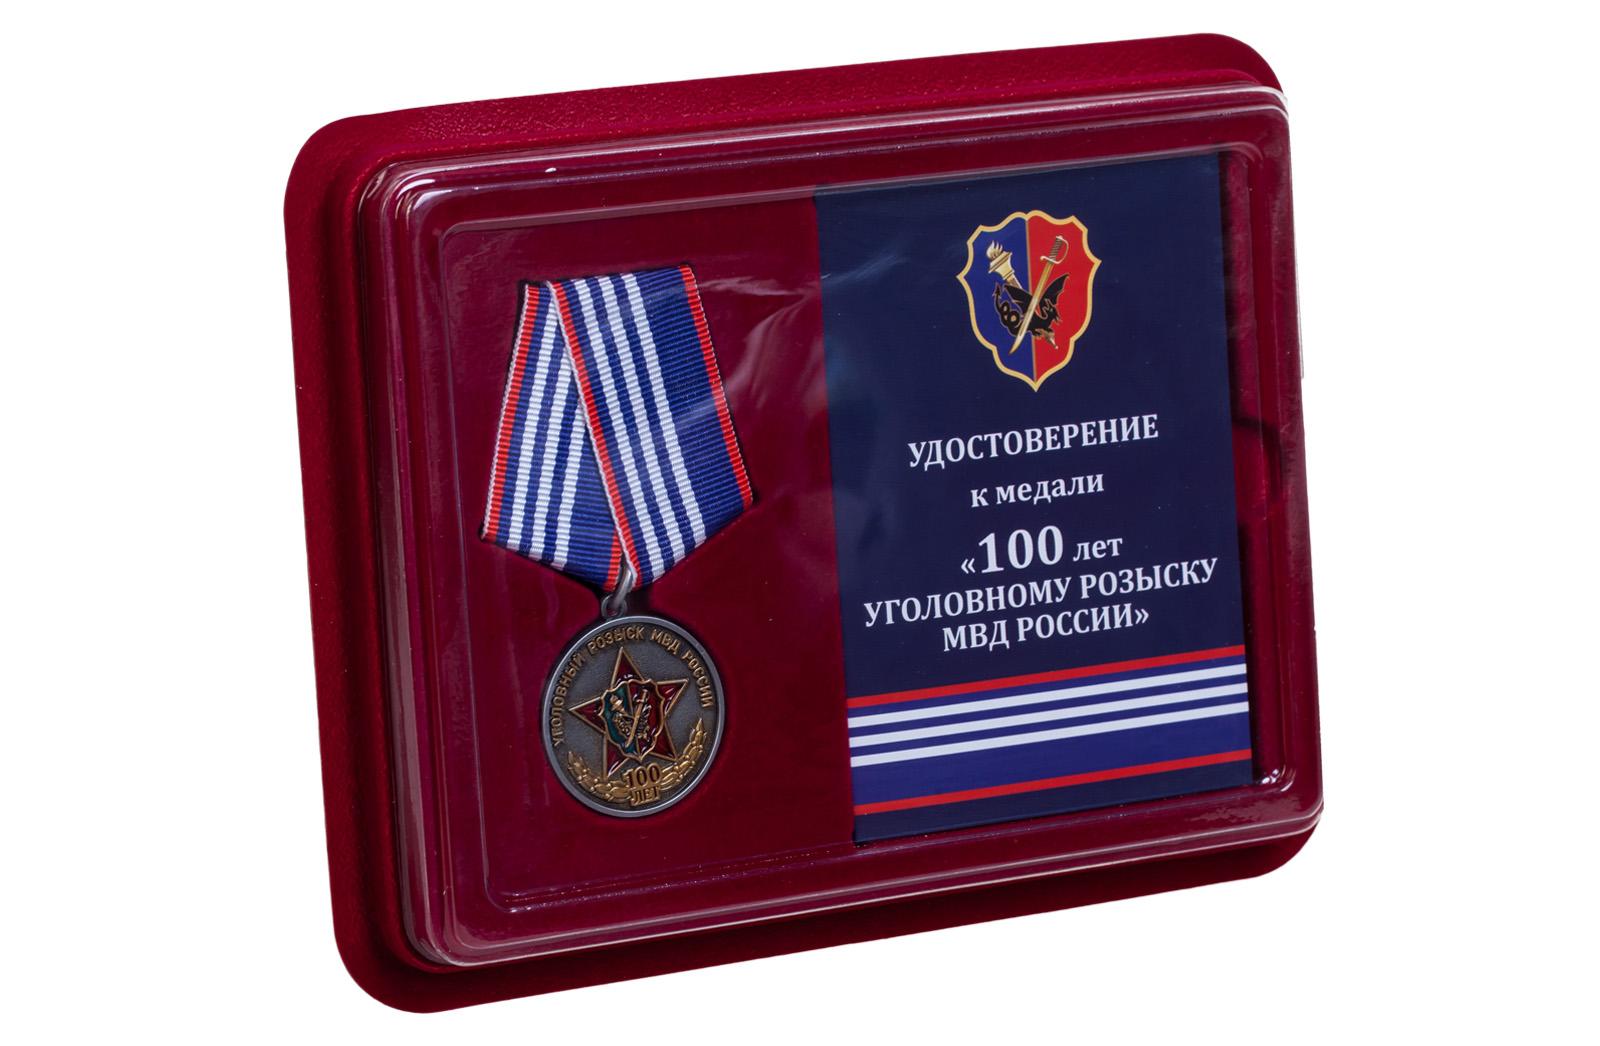 Купить медаль МВД России 100 лет Уголовному розыску оптом или в розницу